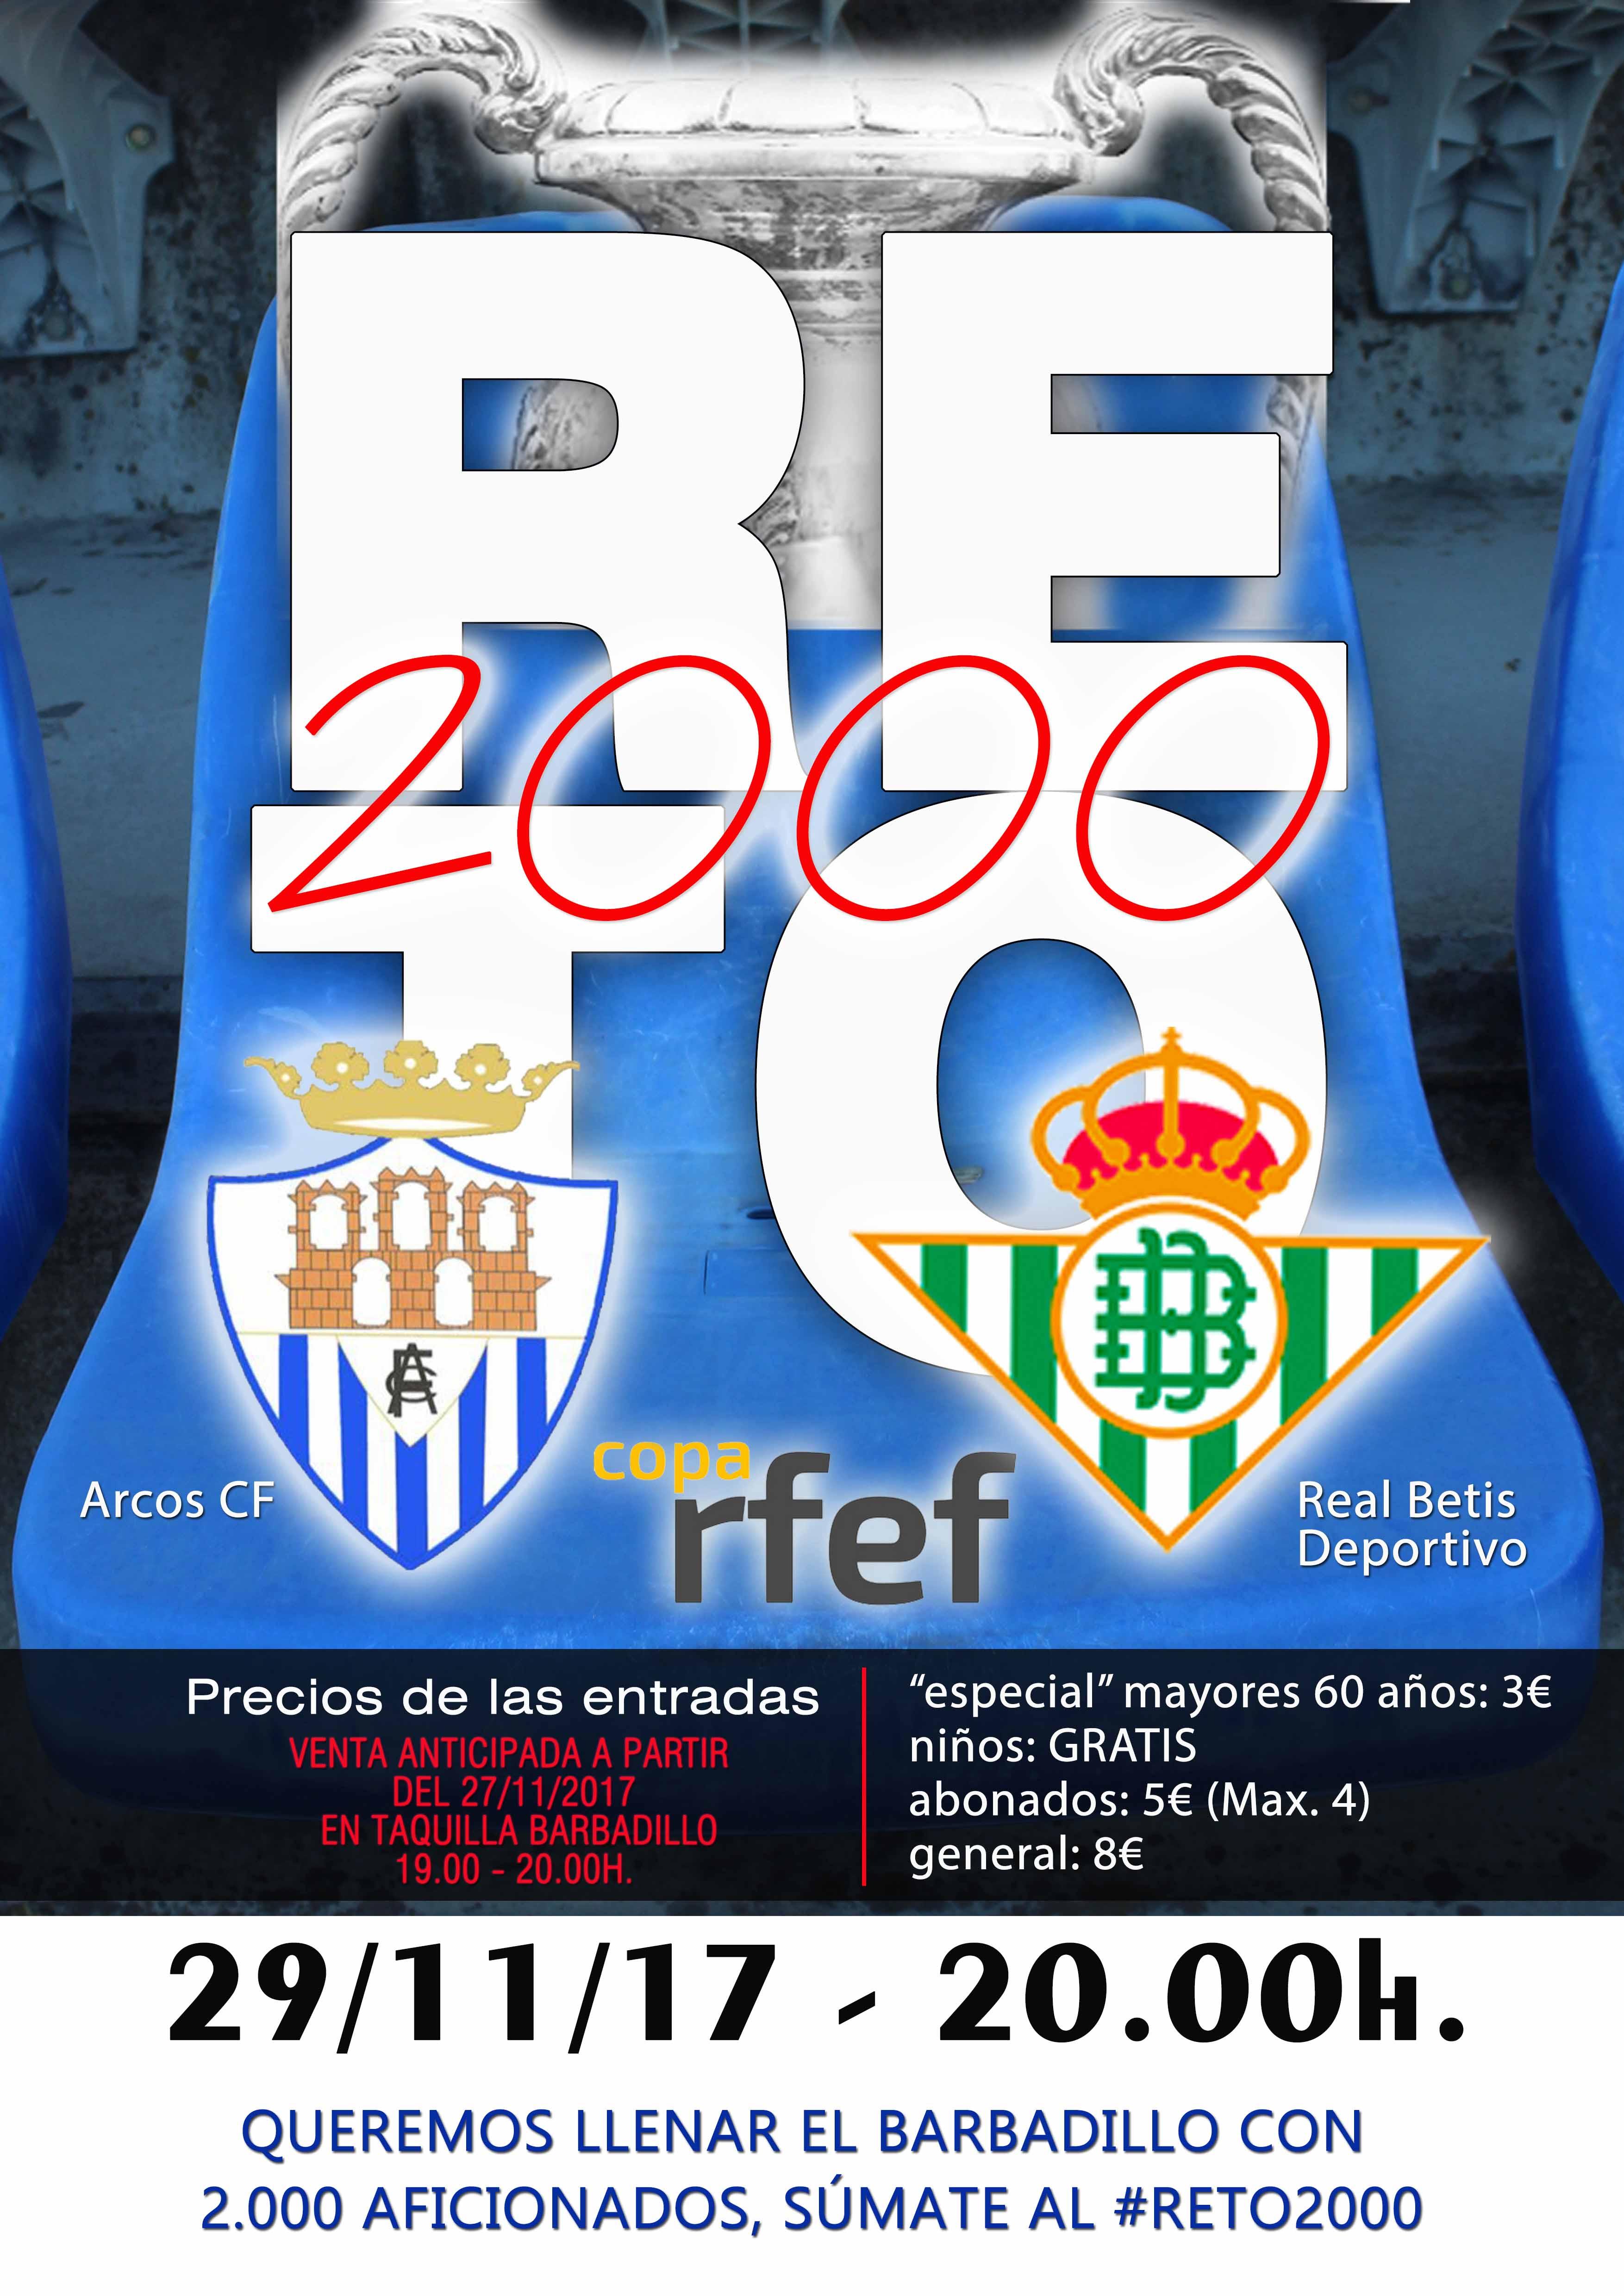 #RETO2000 aficionados ARCOS CF vs REAL BETIS DEPORTIVO